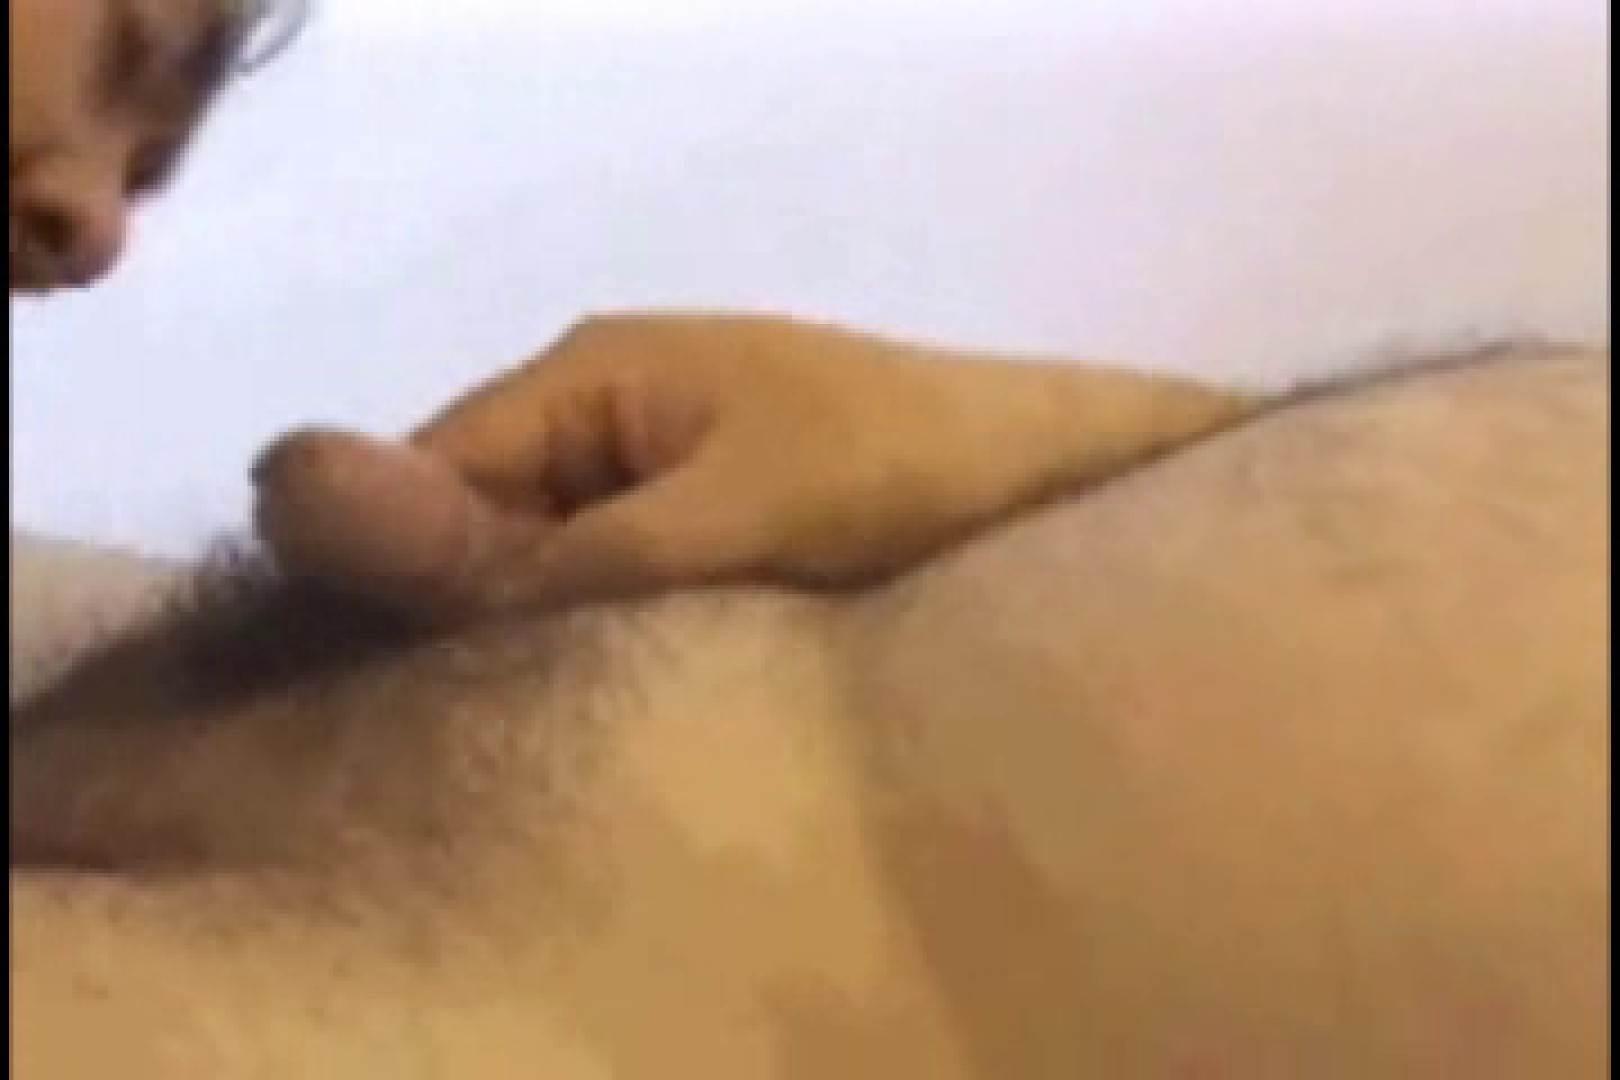 中年旦那の発情記 ゲイのオナニー映像  99枚 27